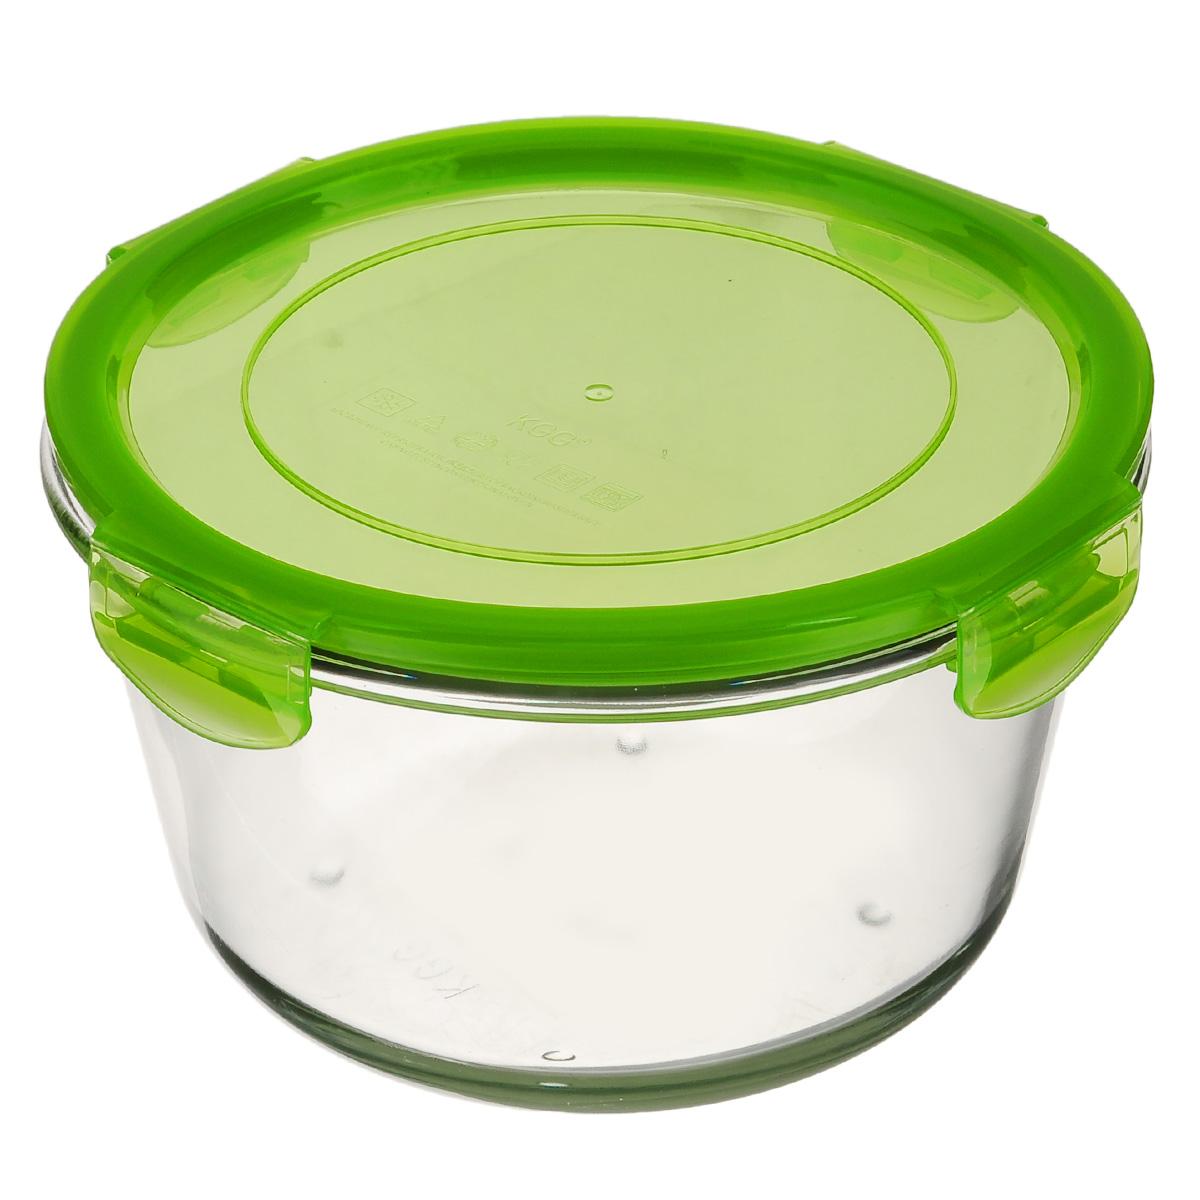 Форма для запекания Mijotex с крышкой, круглая, цвет: зеленый, диаметр 18 смLRD4CКруглая форма для запекания Mijotex изготовлена из жаропрочного стекла, которое выдерживает температуру до +450°С. Форма предназначена для приготовления горячих блюд. Оснащена герметичной пластиковой крышкой с силиконовым уплотнителем для хранения продуктов. Материал изделия гигиеничен, прост в уходе и обладает высокой степенью прочности. Форма (без крышки) идеально подходит для использования в духовках, микроволновых печах, холодильниках и морозильных камерах. Также ее можно использовать на газовых плитах (на слабом огне) и на электроплитах. Можно мыть в посудомоечной машине.Диаметр формы (по верхнему краю): 18 см.Высота стенки формы: 11 см.